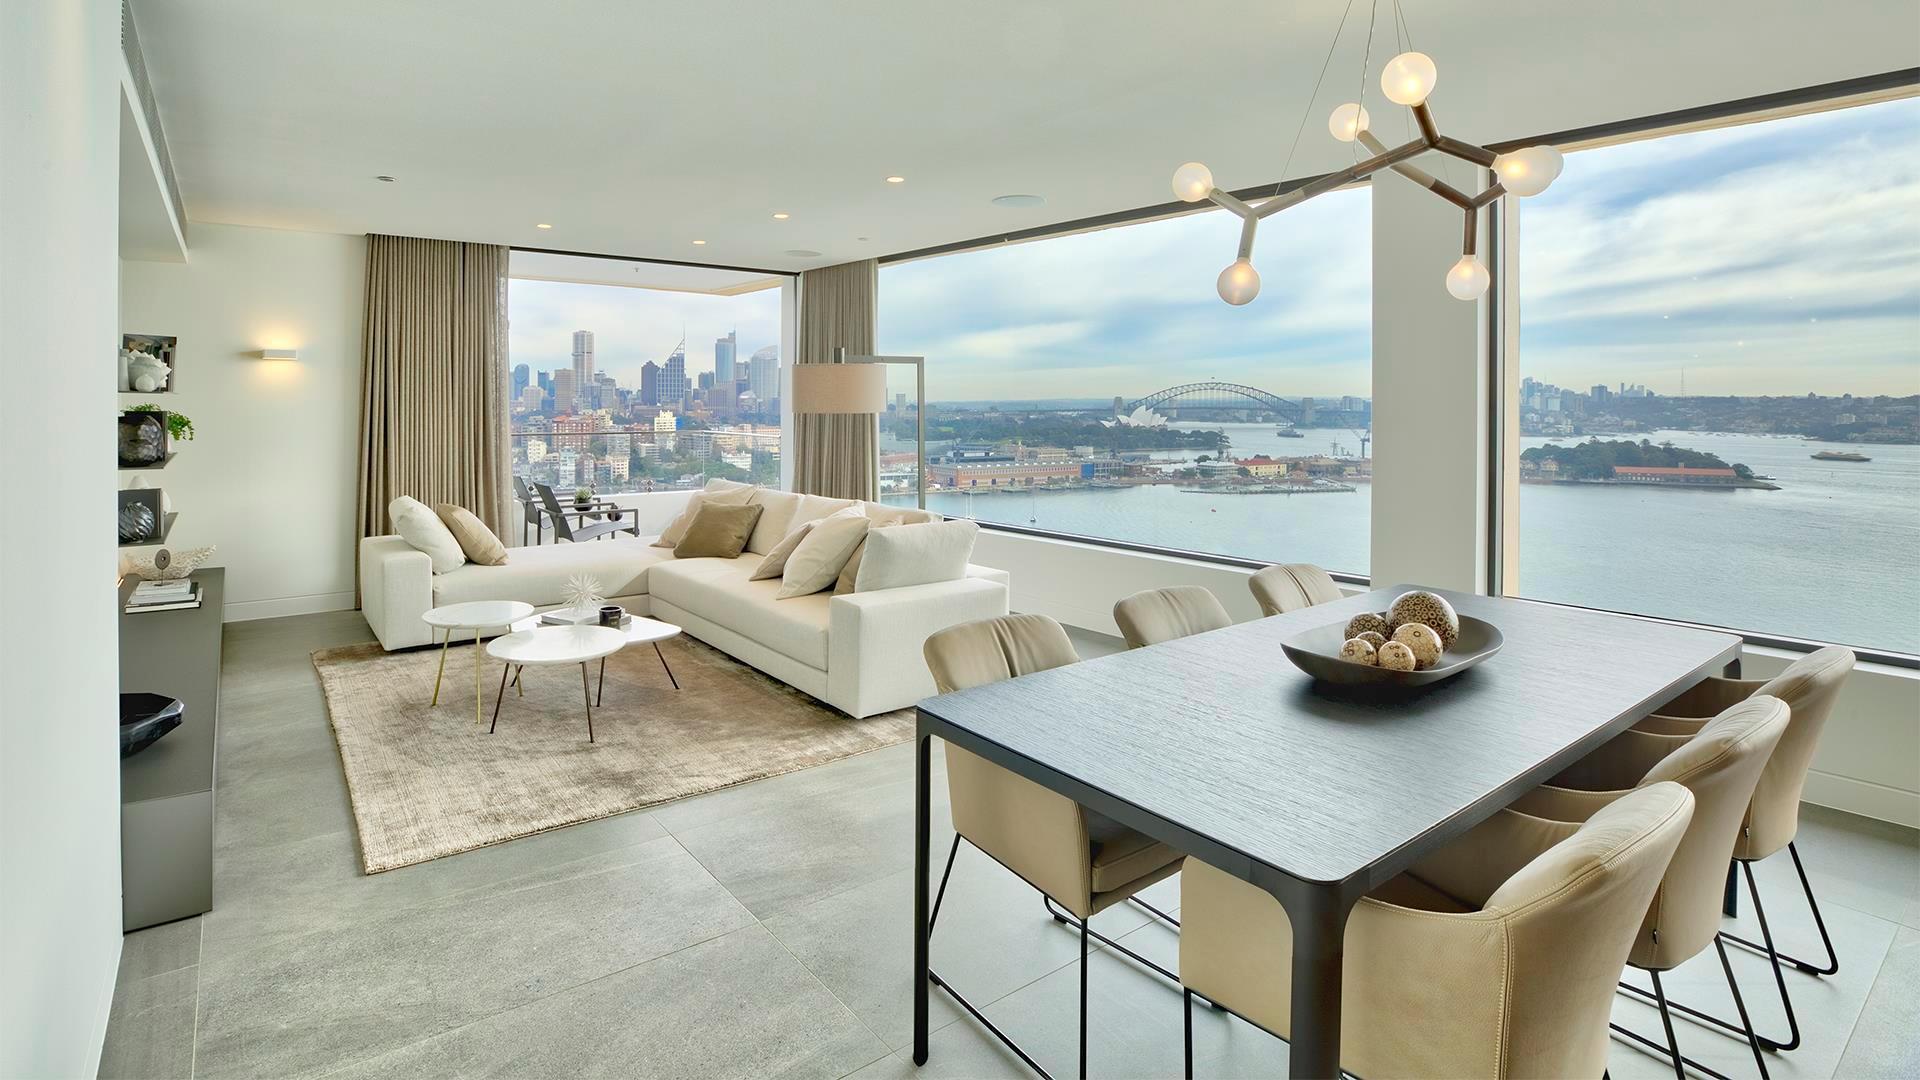 privatwohnung darling point fliesen und b den aus feinsteinzeug und kerlite. Black Bedroom Furniture Sets. Home Design Ideas